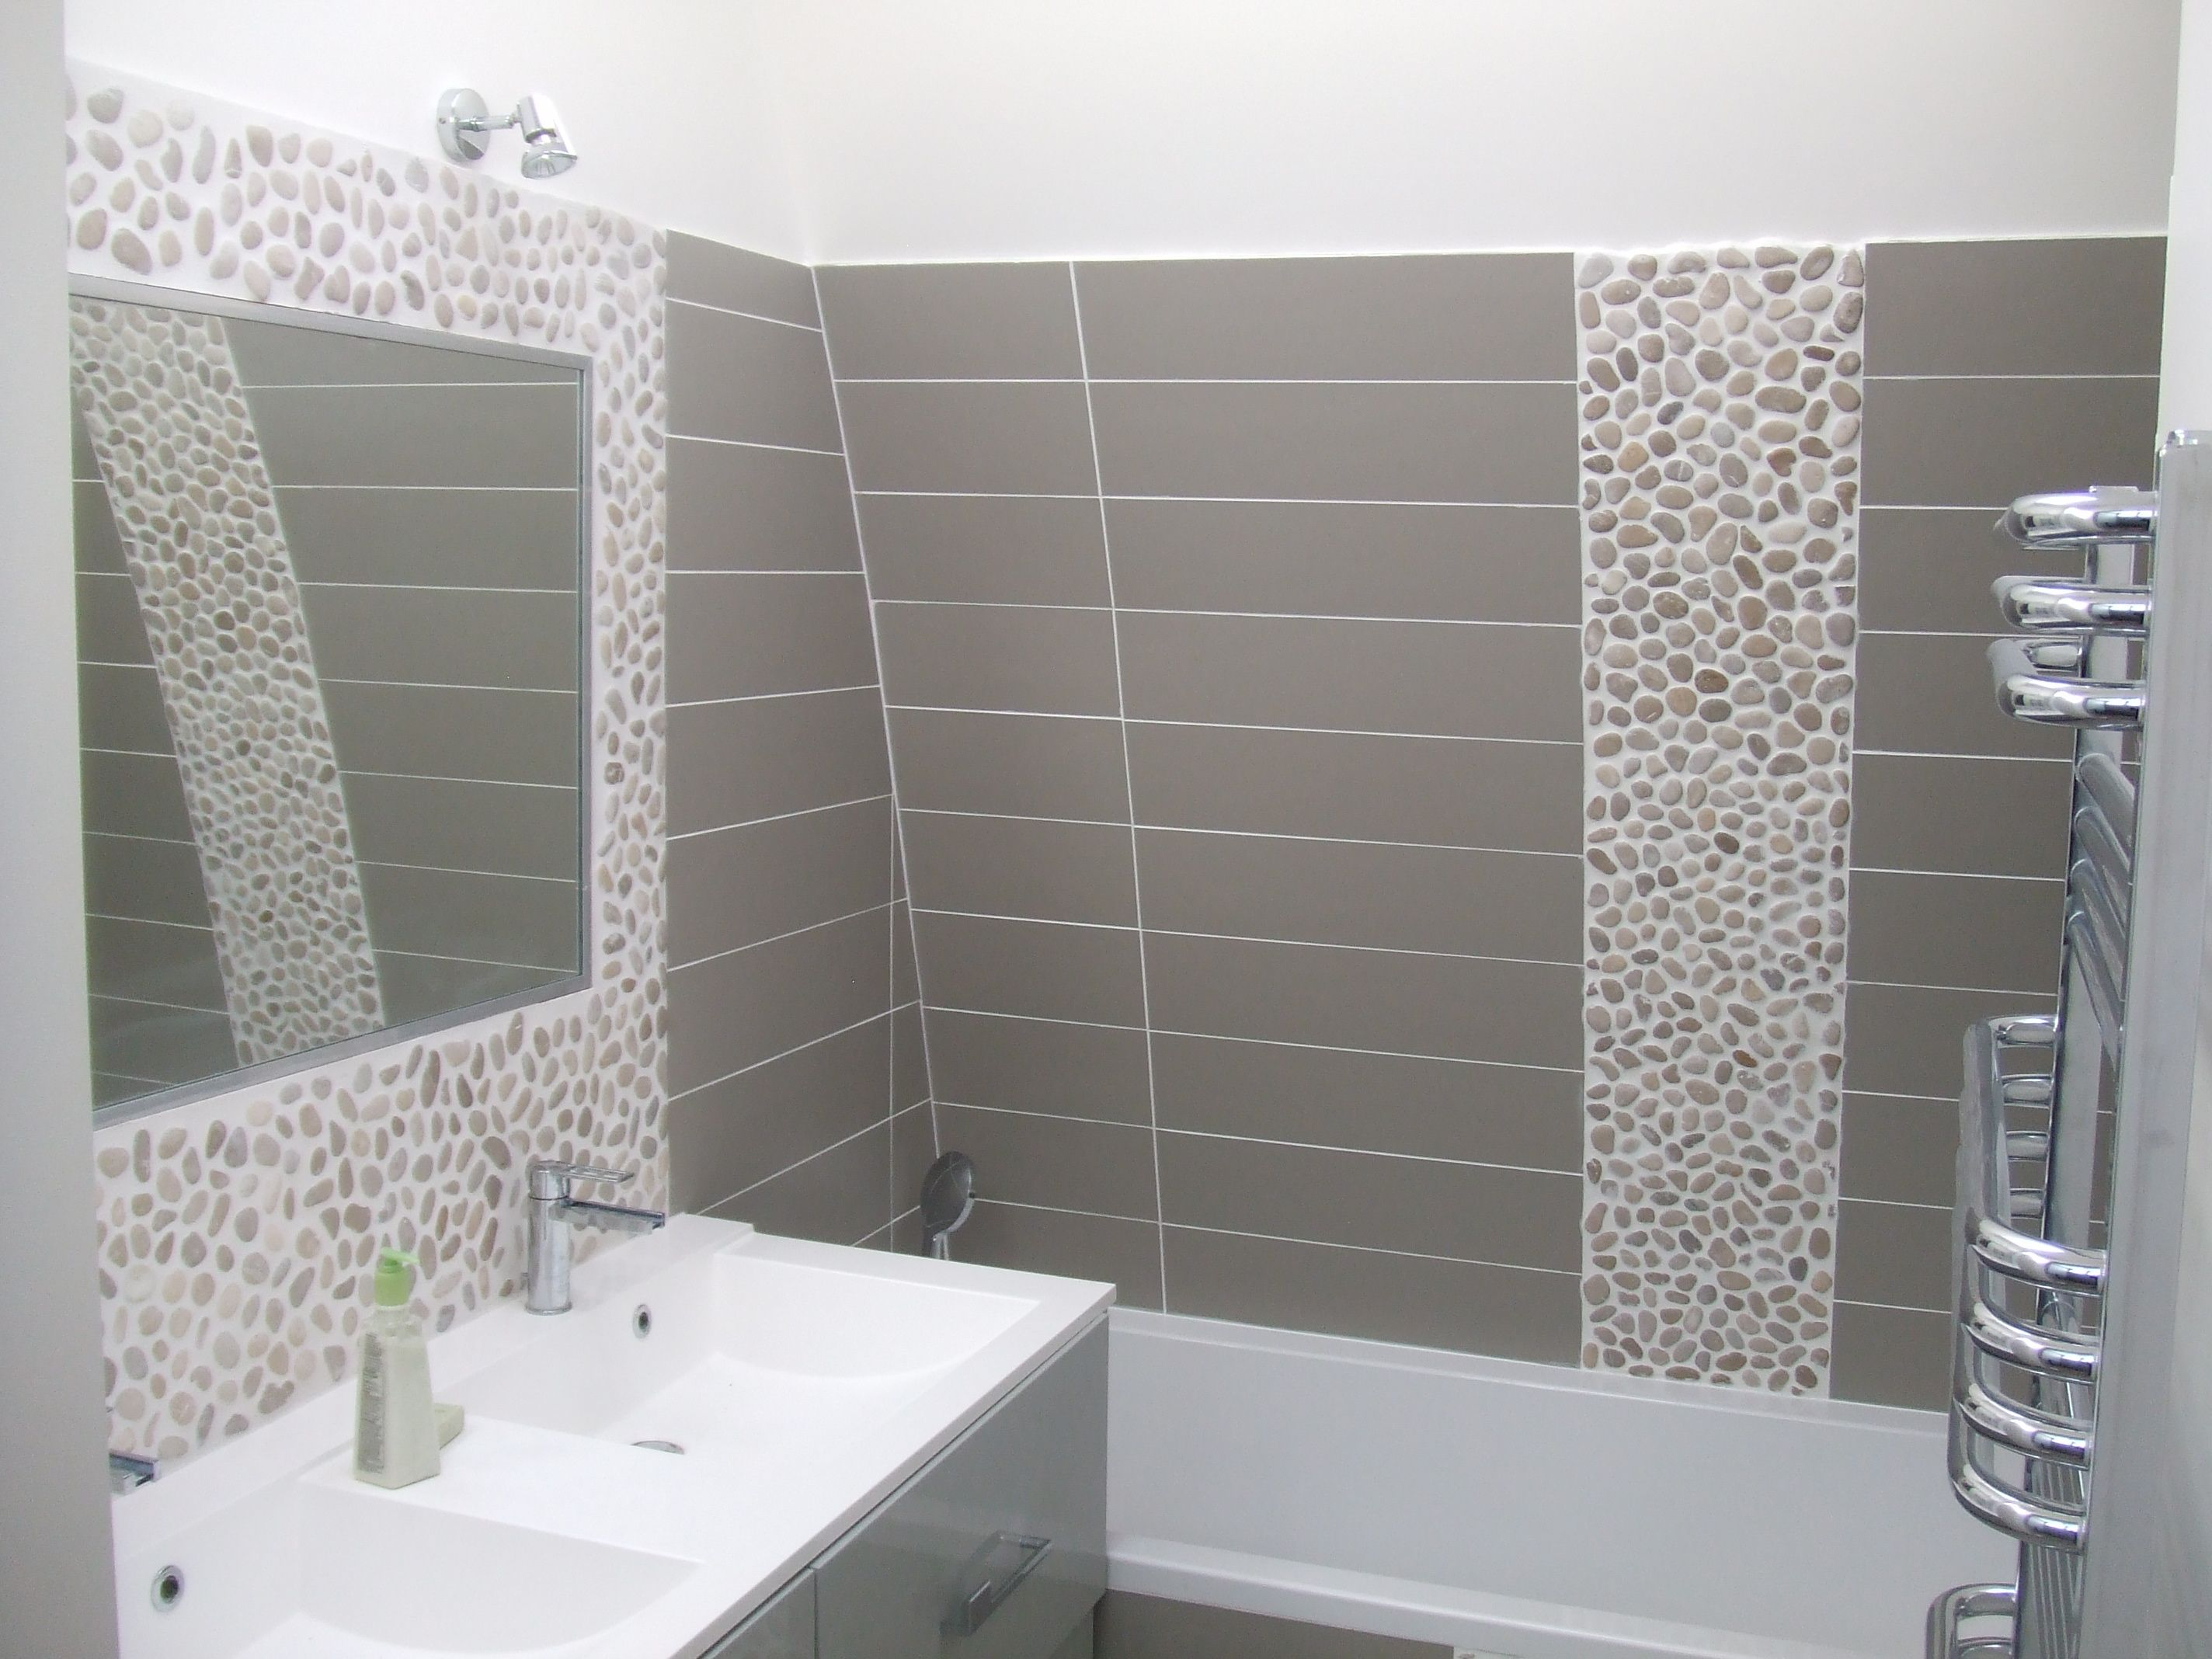 Salle de bain ton gris, galet couleur crème. www.pierreetgalet.com ...